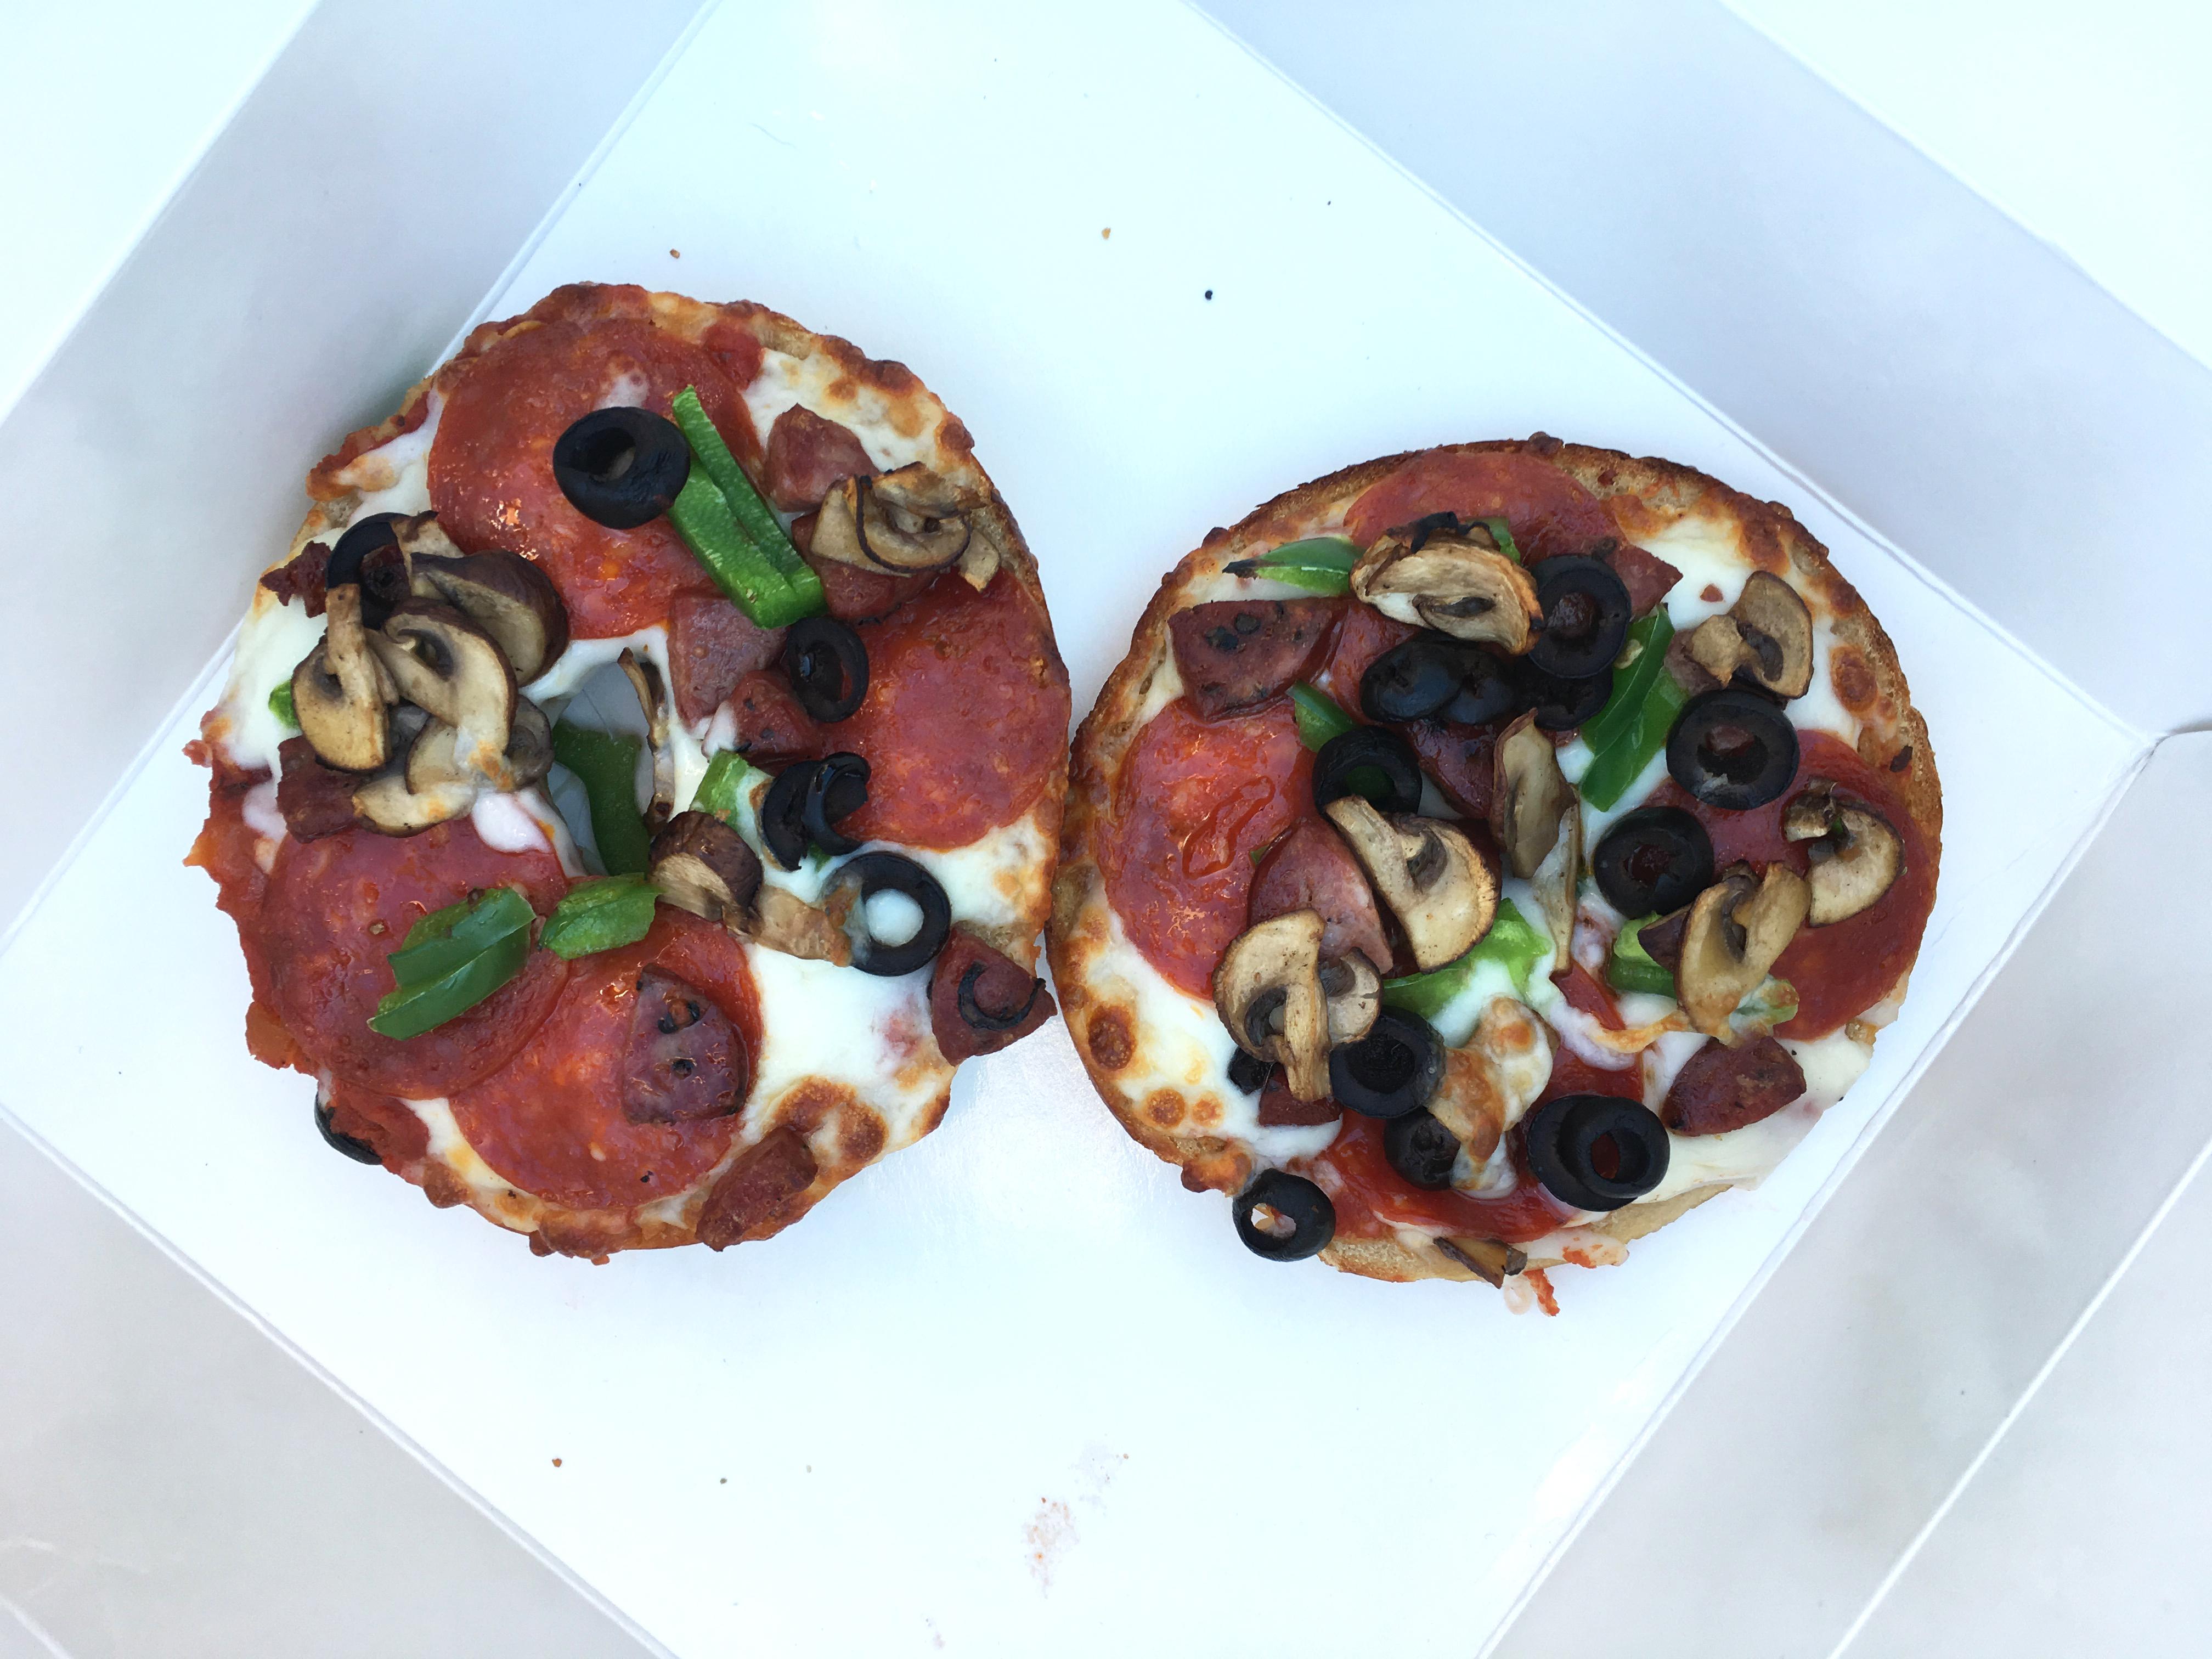 Rockstar Bagel's pizza bagels